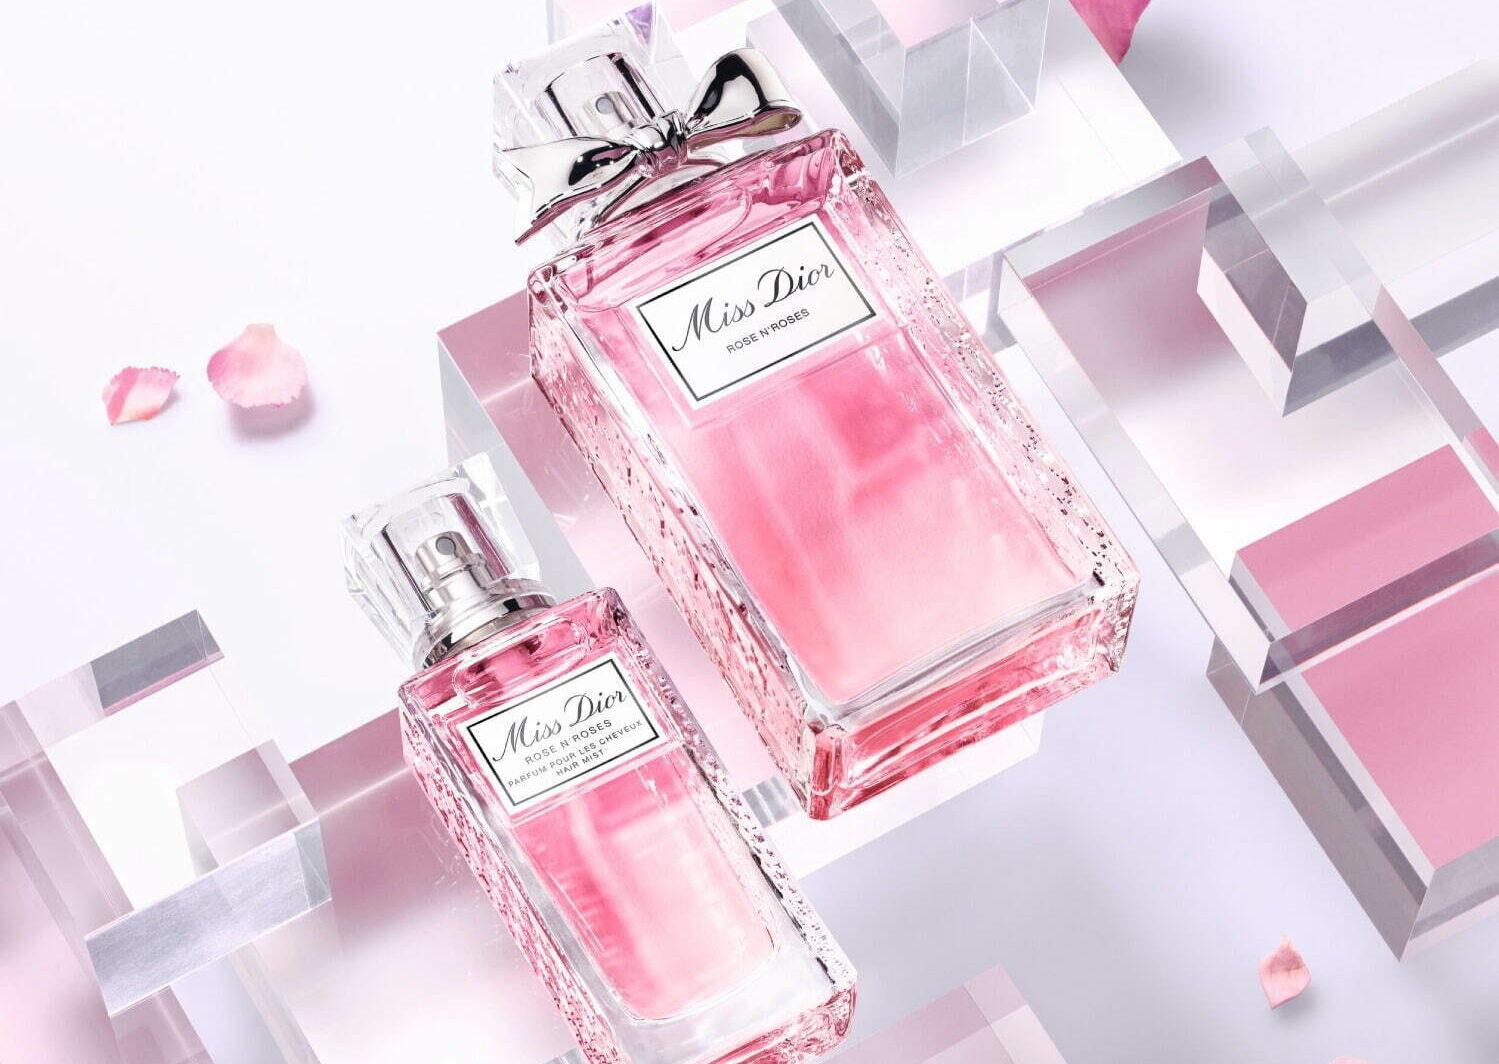 ディオールから、人気香水「ミス ディオール ローズ&ローズ」のヘアミスト